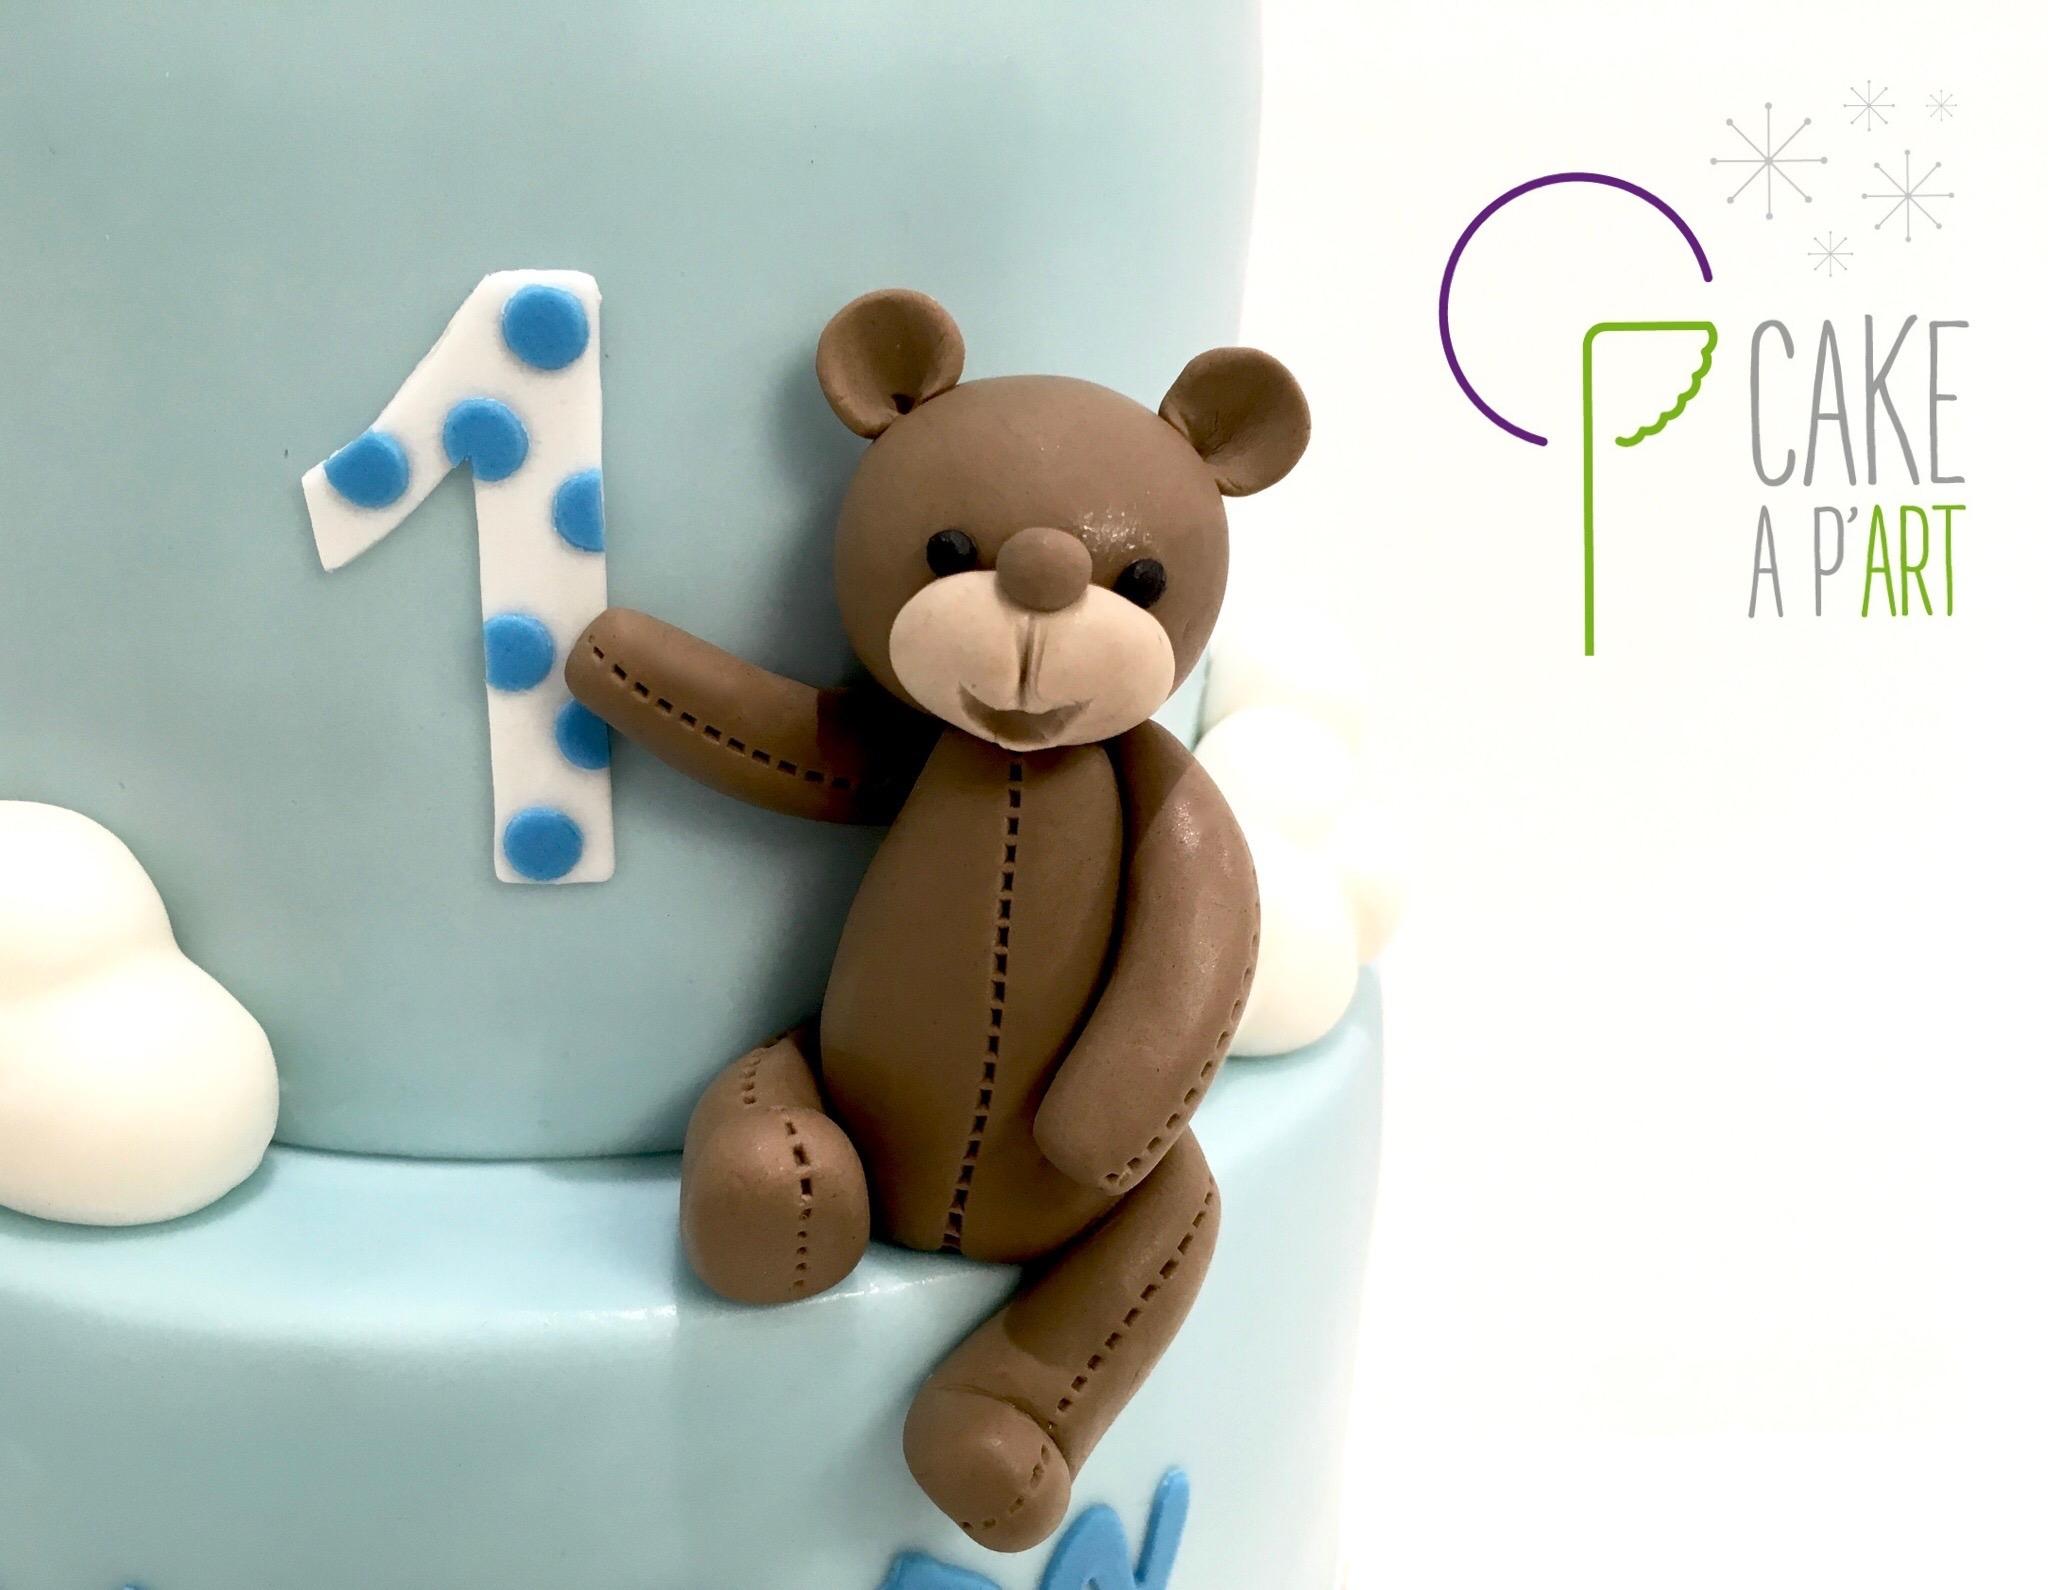 Décor modelage en sucre gâteaux personnalisés - Anniversaire Thème Ourson et Mickey